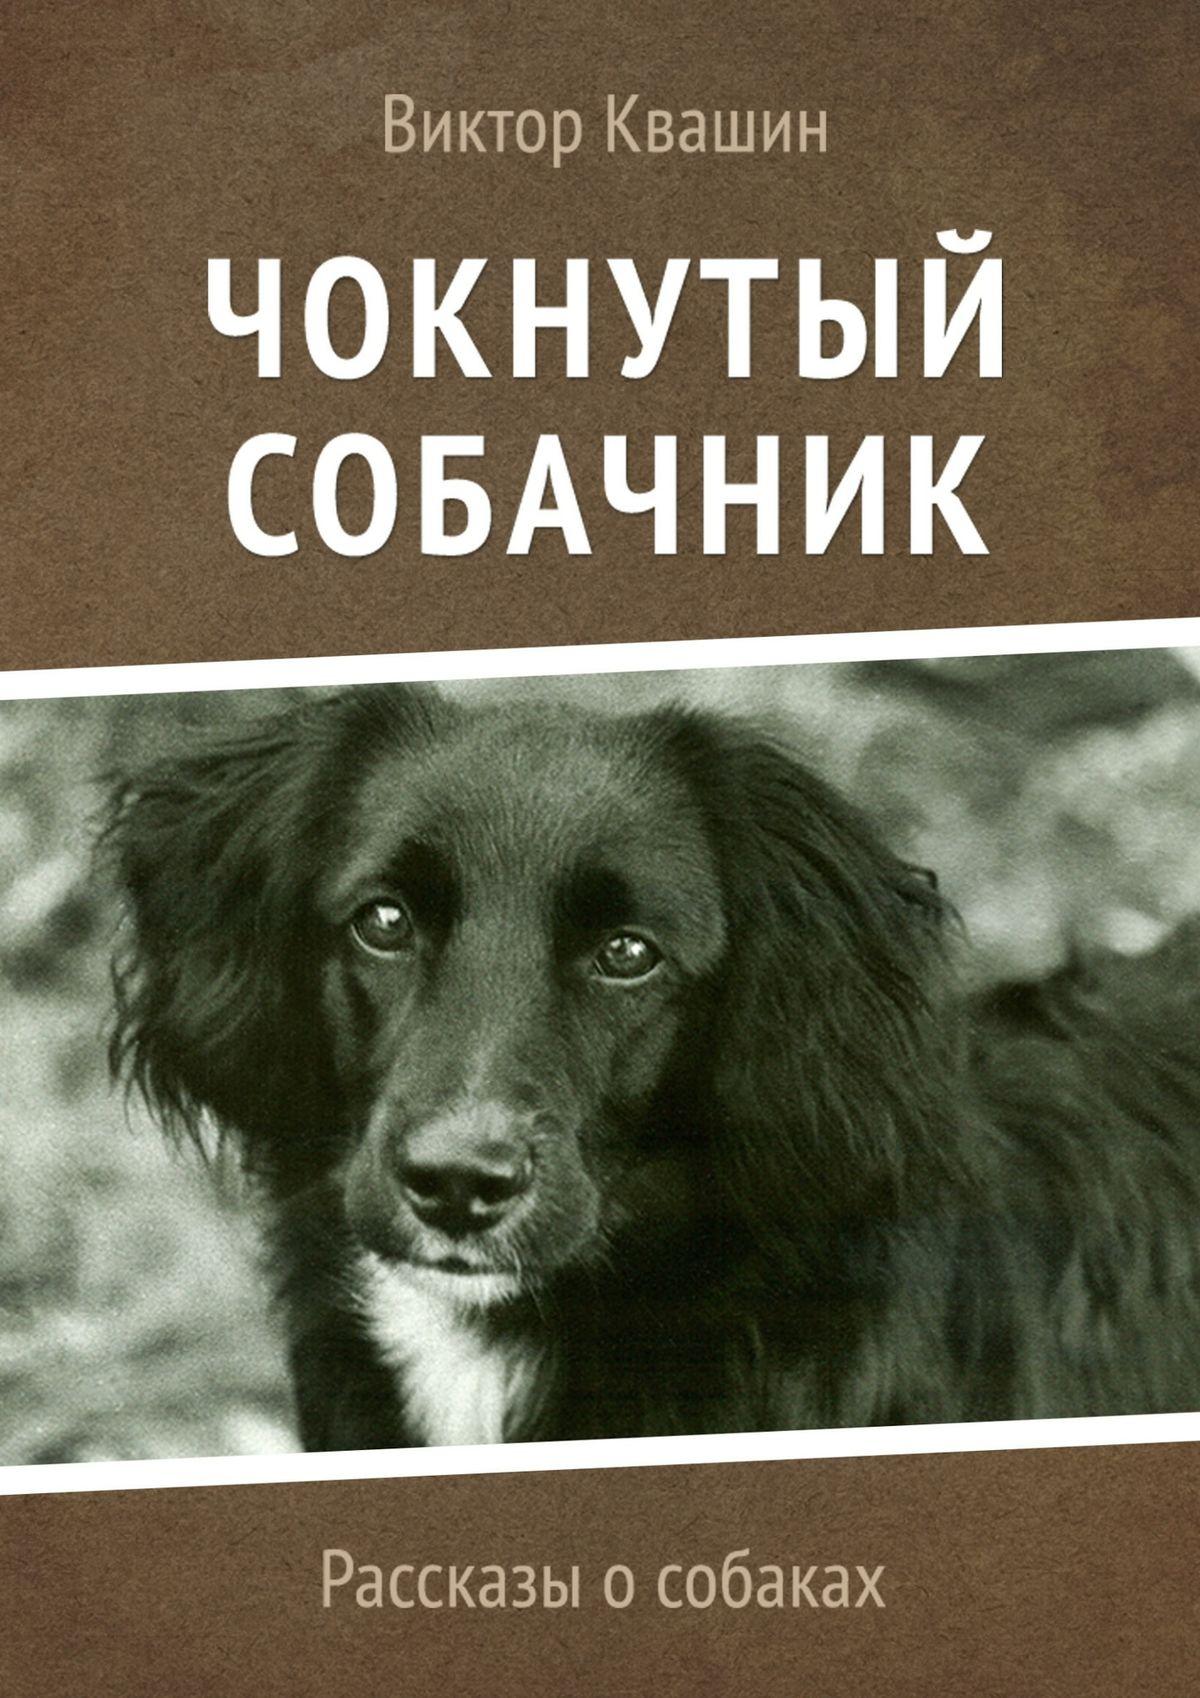 цены на Виктор Квашин Чокнутый собачник. Рассказы о собаках  в интернет-магазинах